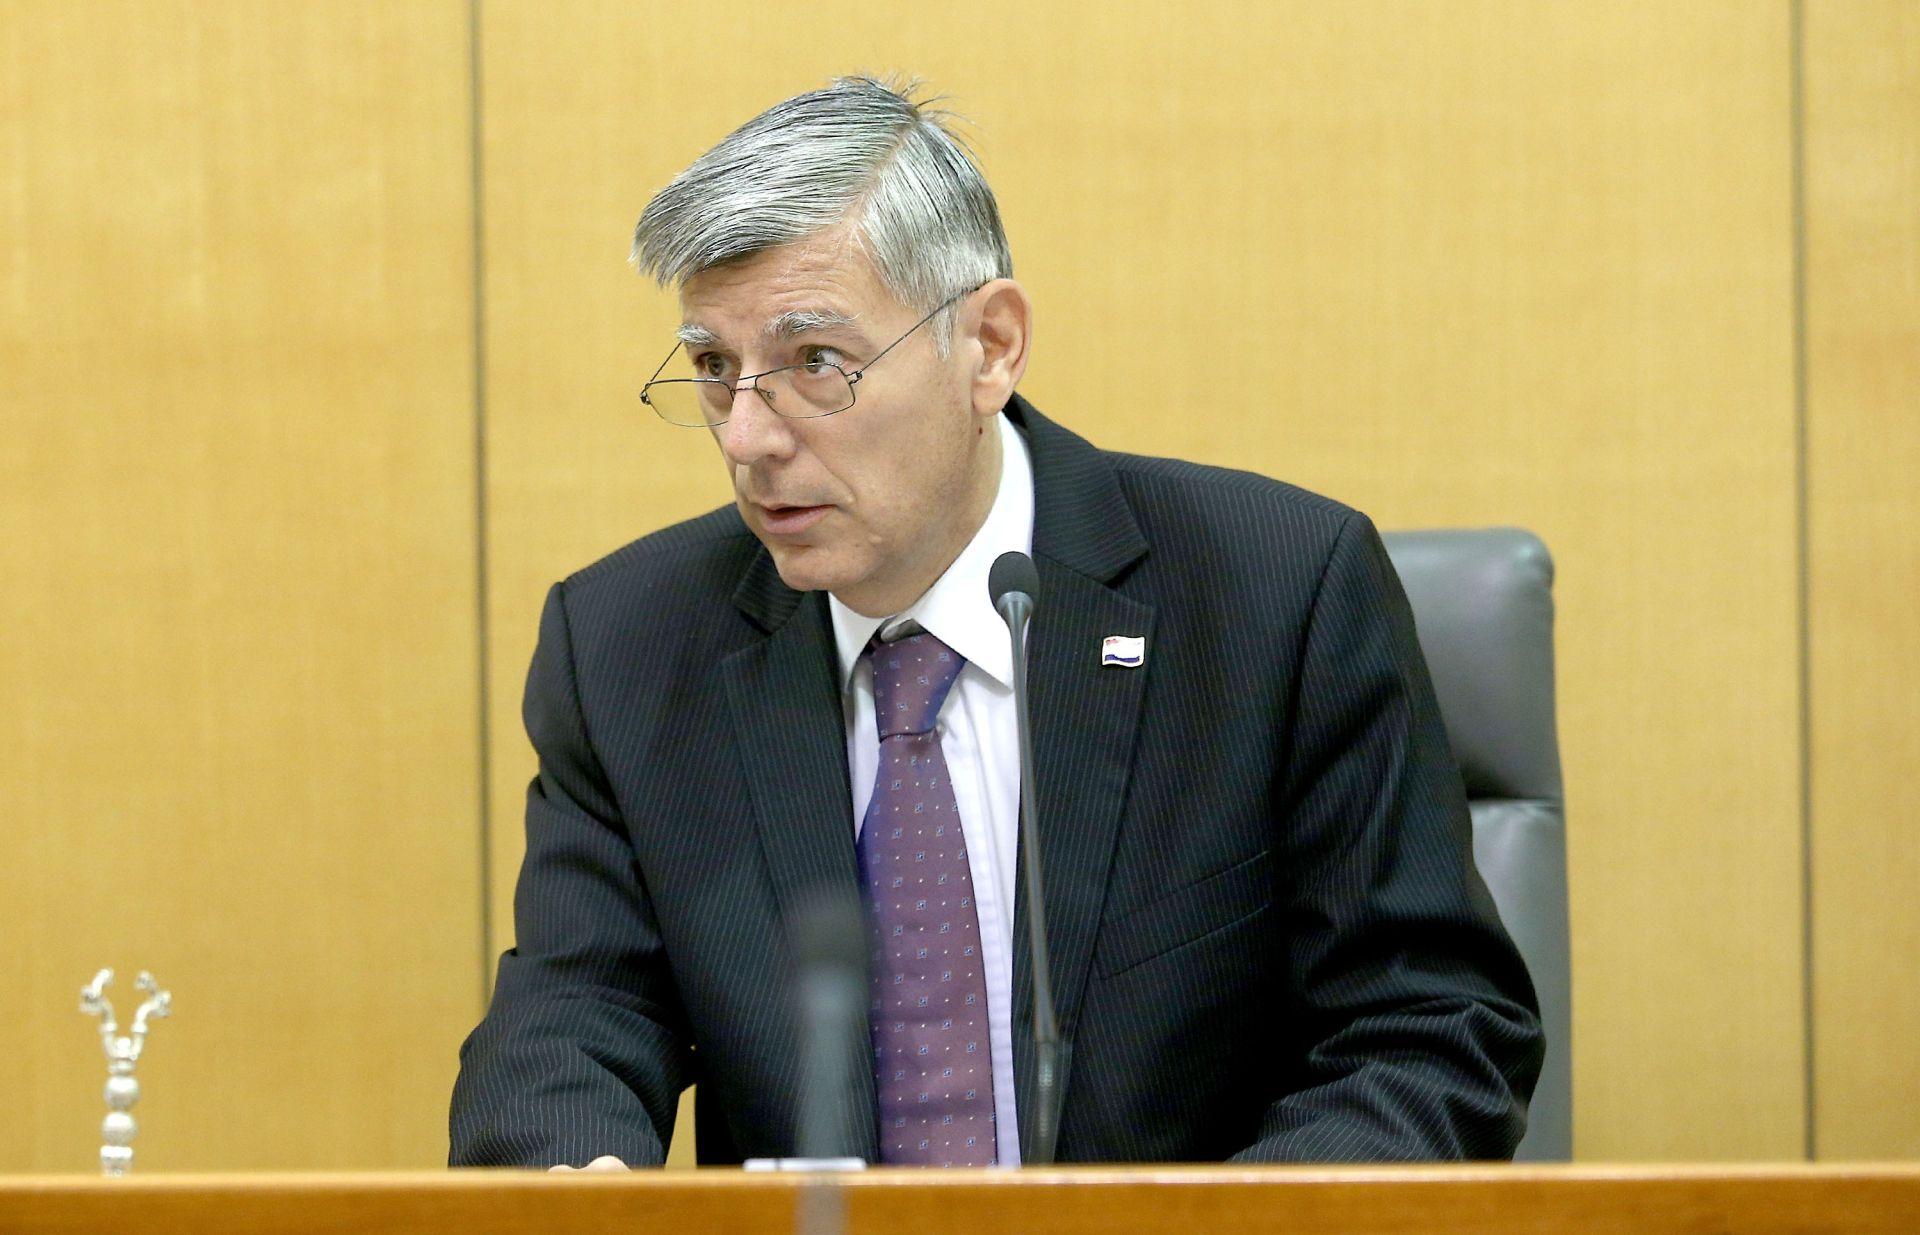 Reiner o razmimoilaženju HDZ-a i Mosta oko ministra branitelja: U demokraciji ne možemo svi misliti isto